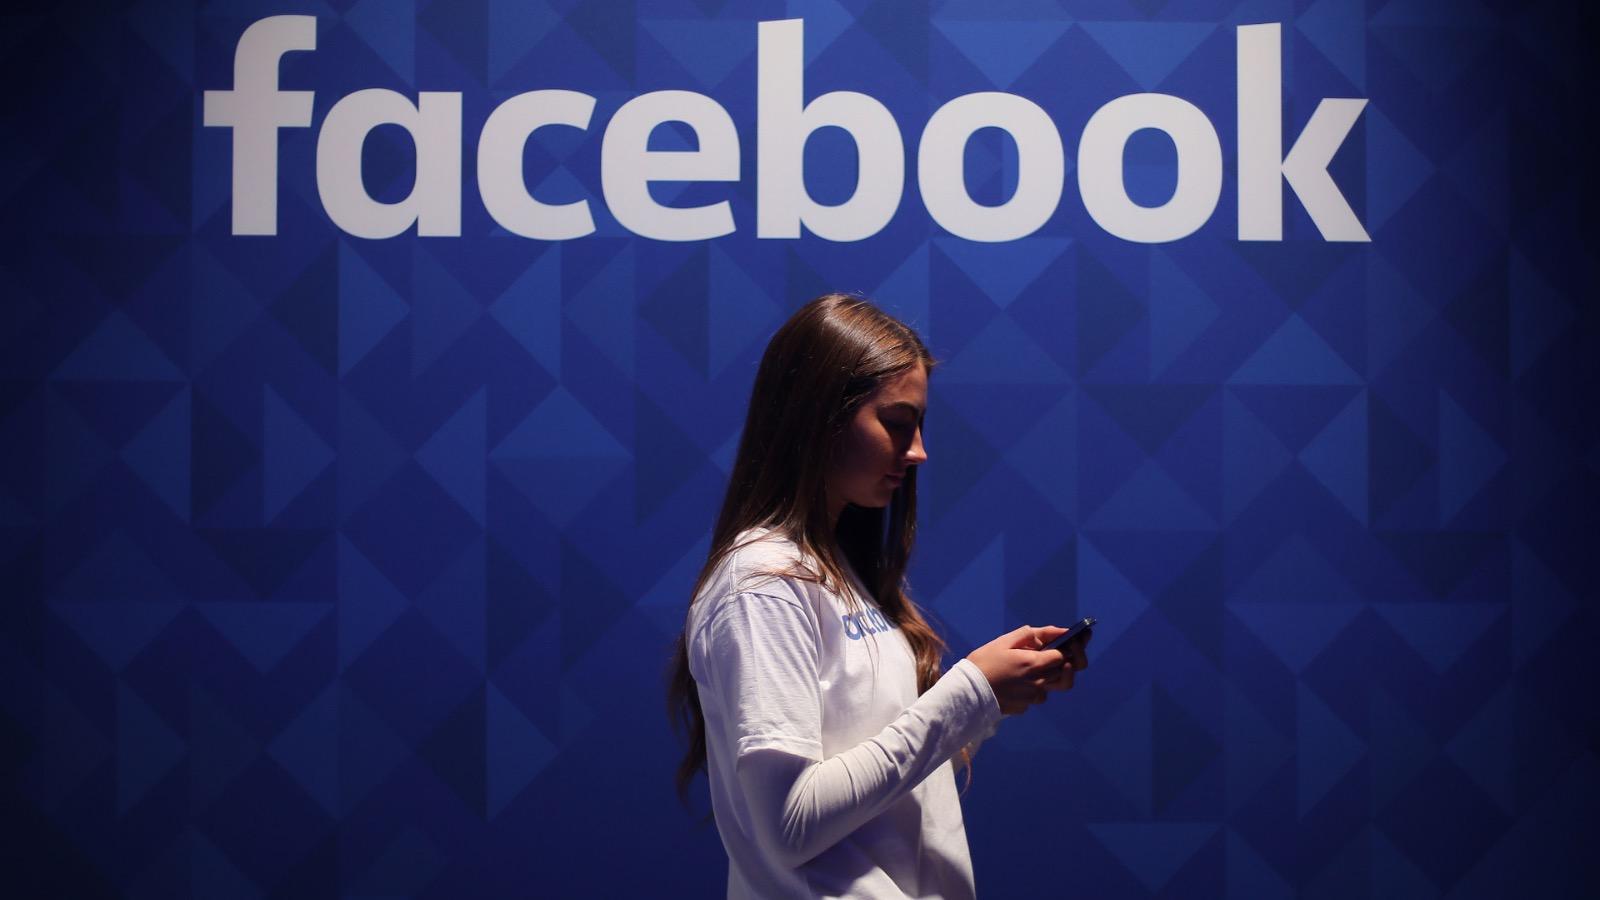 Dan Mygind: Vi profileres og påvirkes via bjerge af data på de sociale medier. Hvor er diskussionen om det?